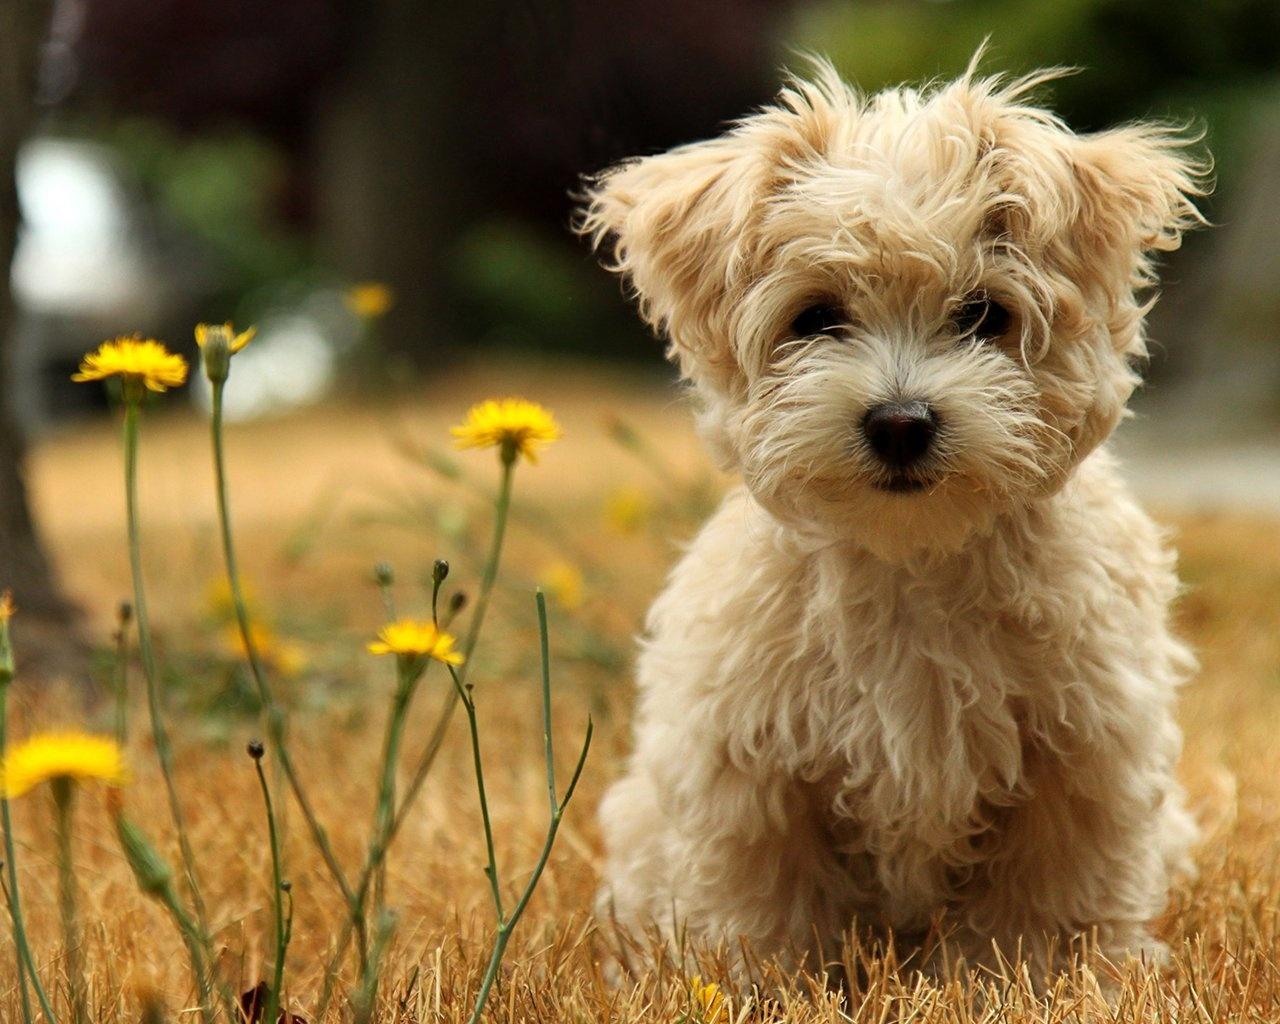 软件下载 桌面壁纸 17寸壁纸 户外玩耍的宠物狗狗壁纸 应用截图  可用